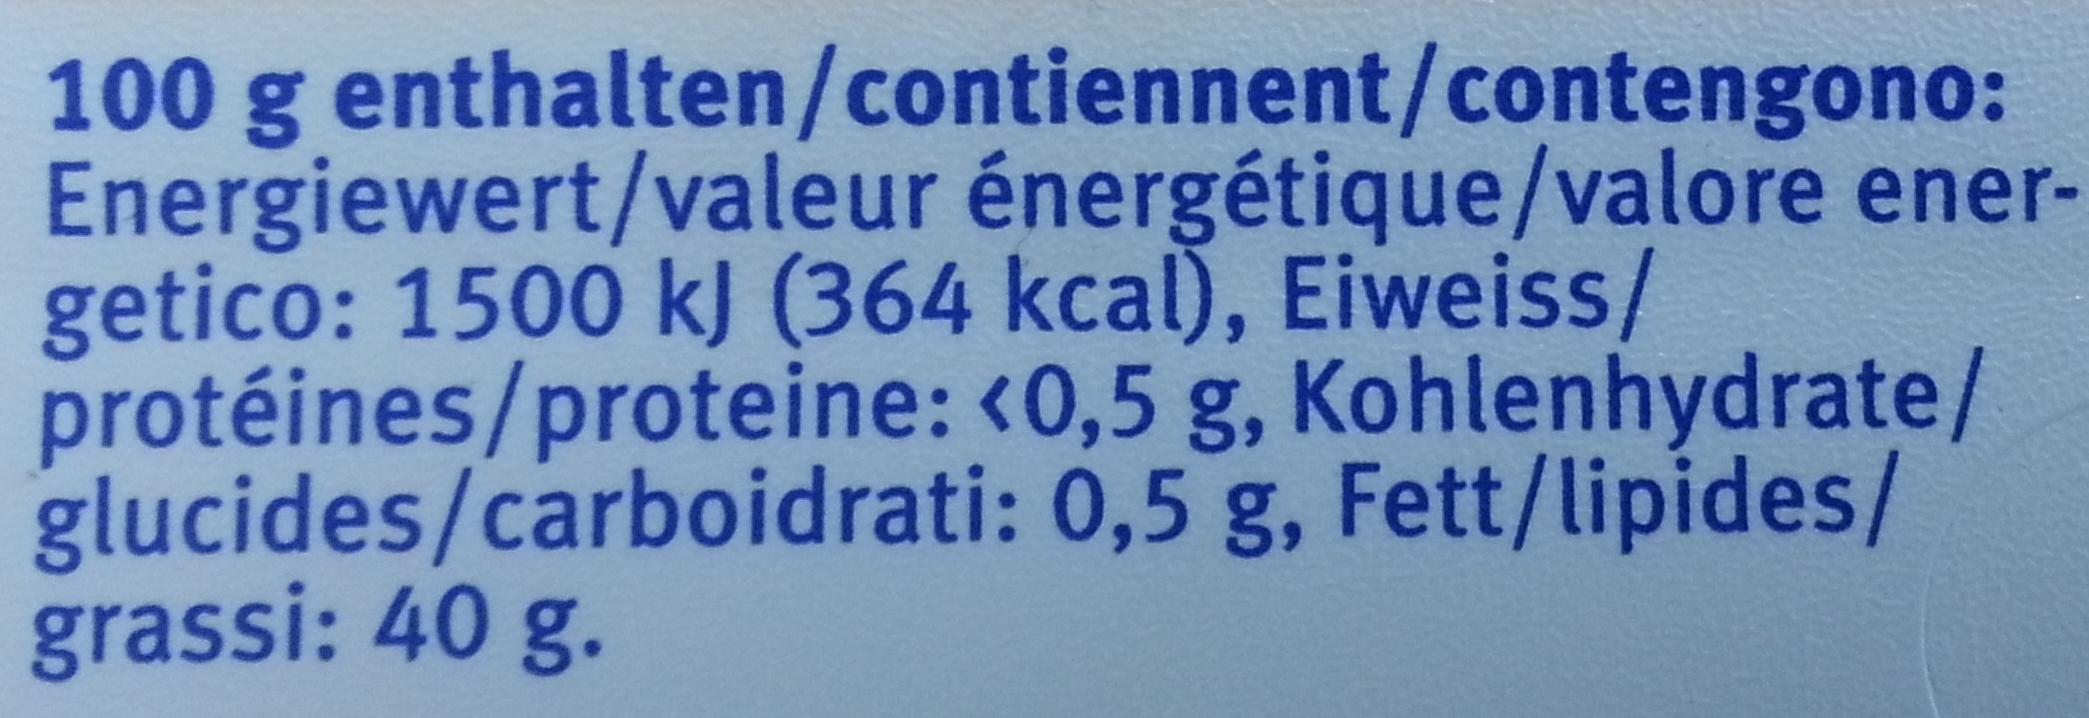 Beurre mi-gras - Informations nutritionnelles - fr